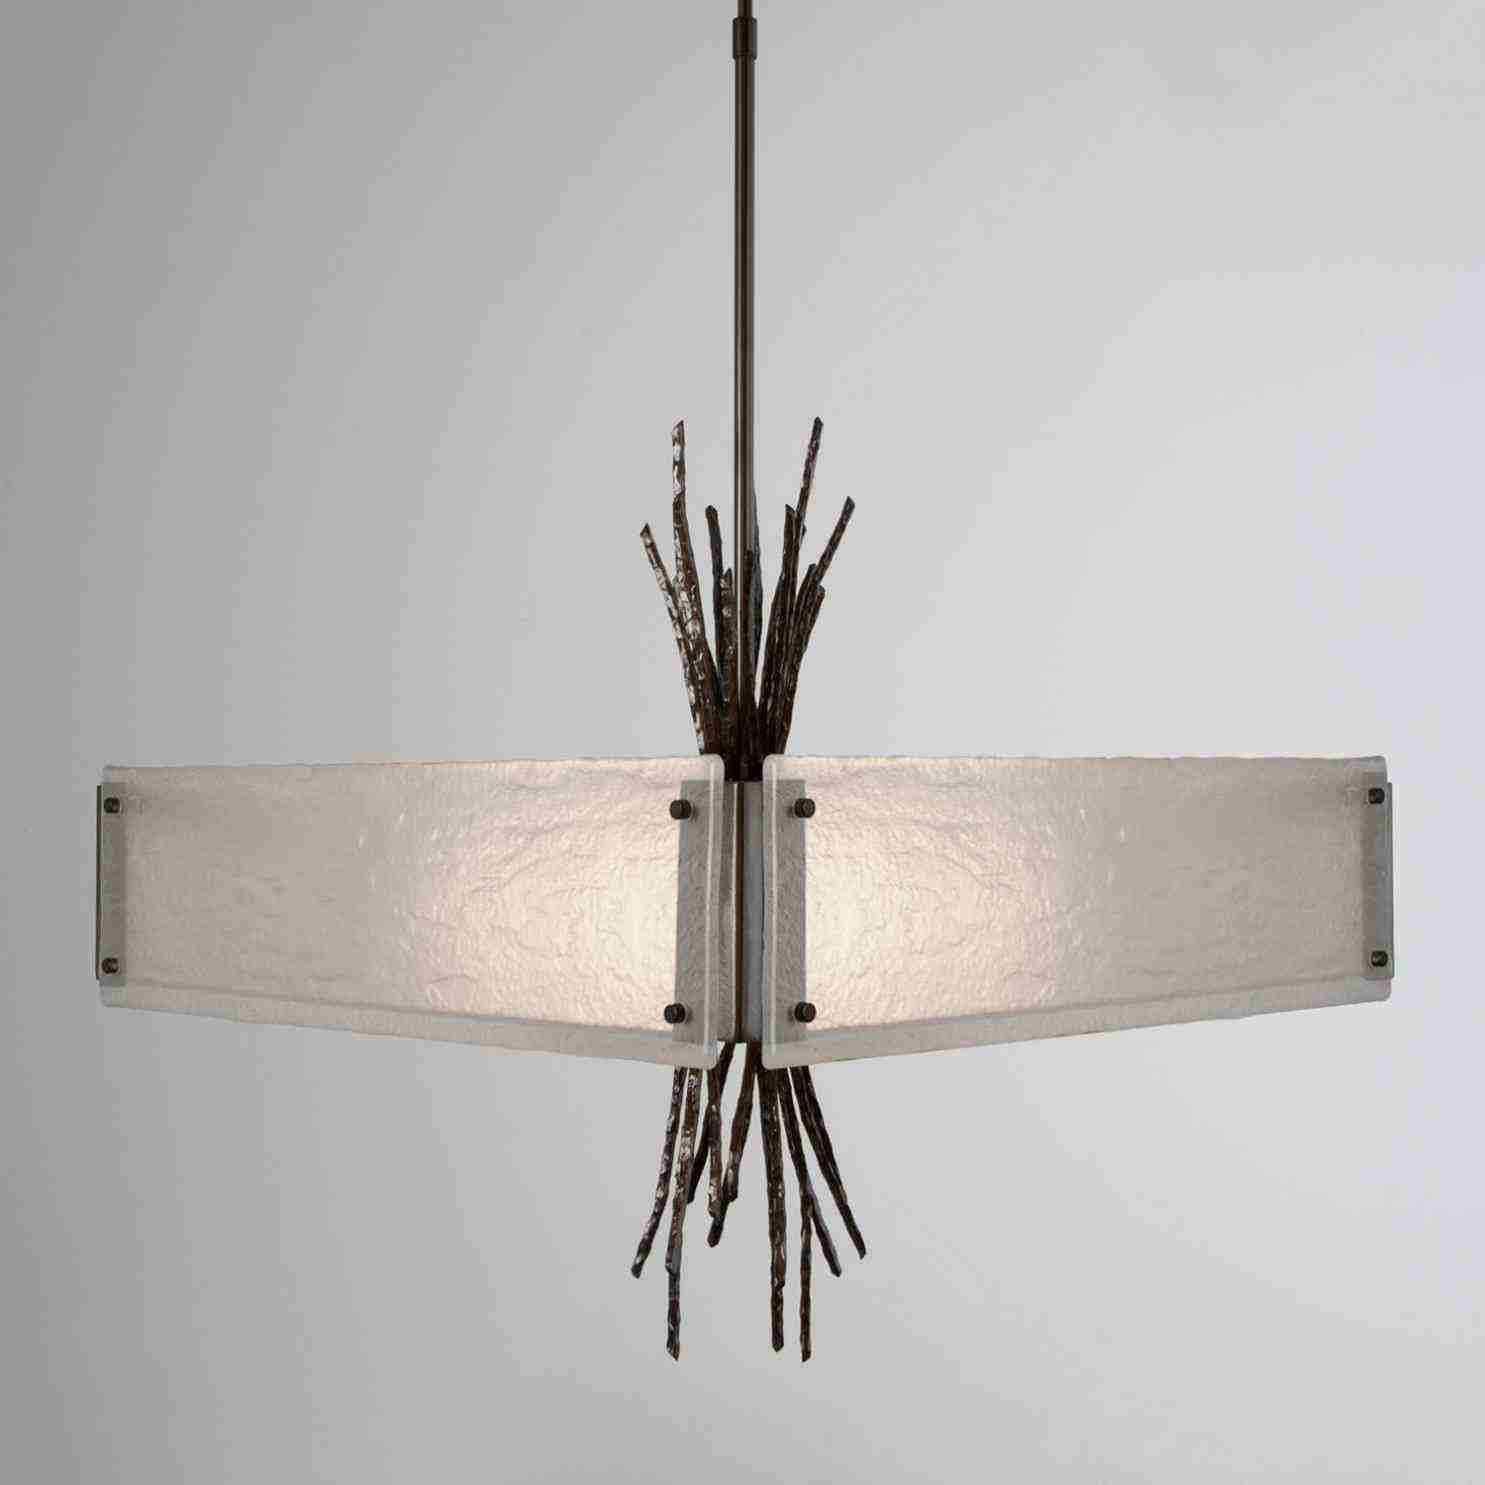 Full Size of Ikea Wohnzimmer Inspiration Schn 50 Einzigartig Von Landhausstil Stehlampe Deckenlampe Schlafzimmer Anbauwand Teppich Gardinen Für Bilder Fürs Led Wohnzimmer Ikea Wohnzimmer Lampe